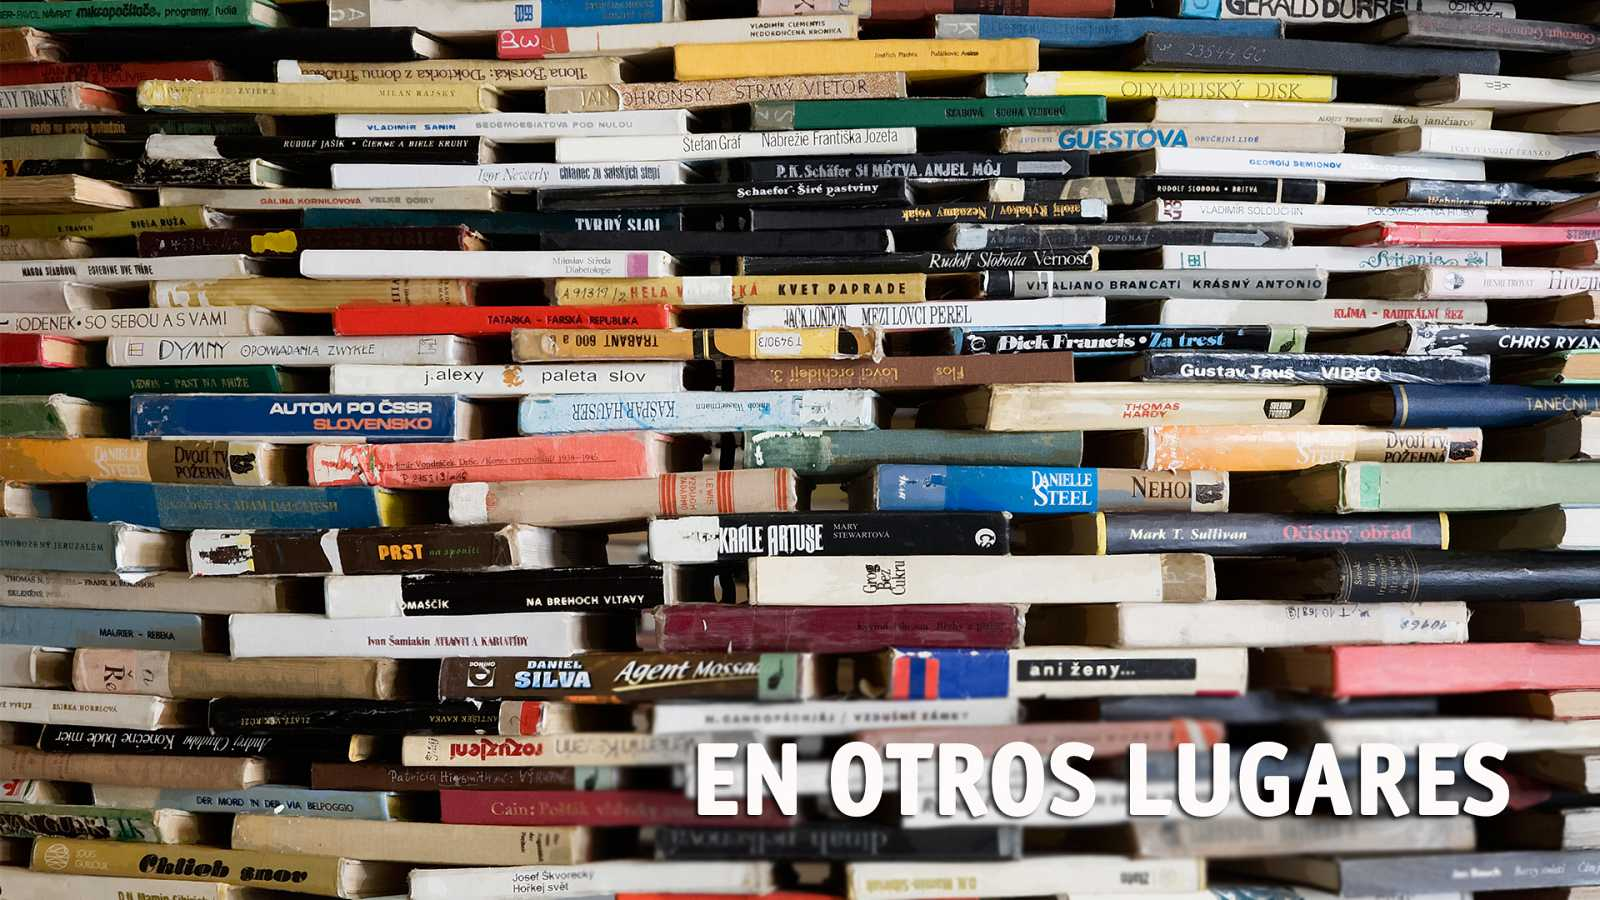 """En otros lugares - """"Eduardo Toldrá"""", por Antonio Fernández-Cid - 21/06/17 - escuchar ahora"""